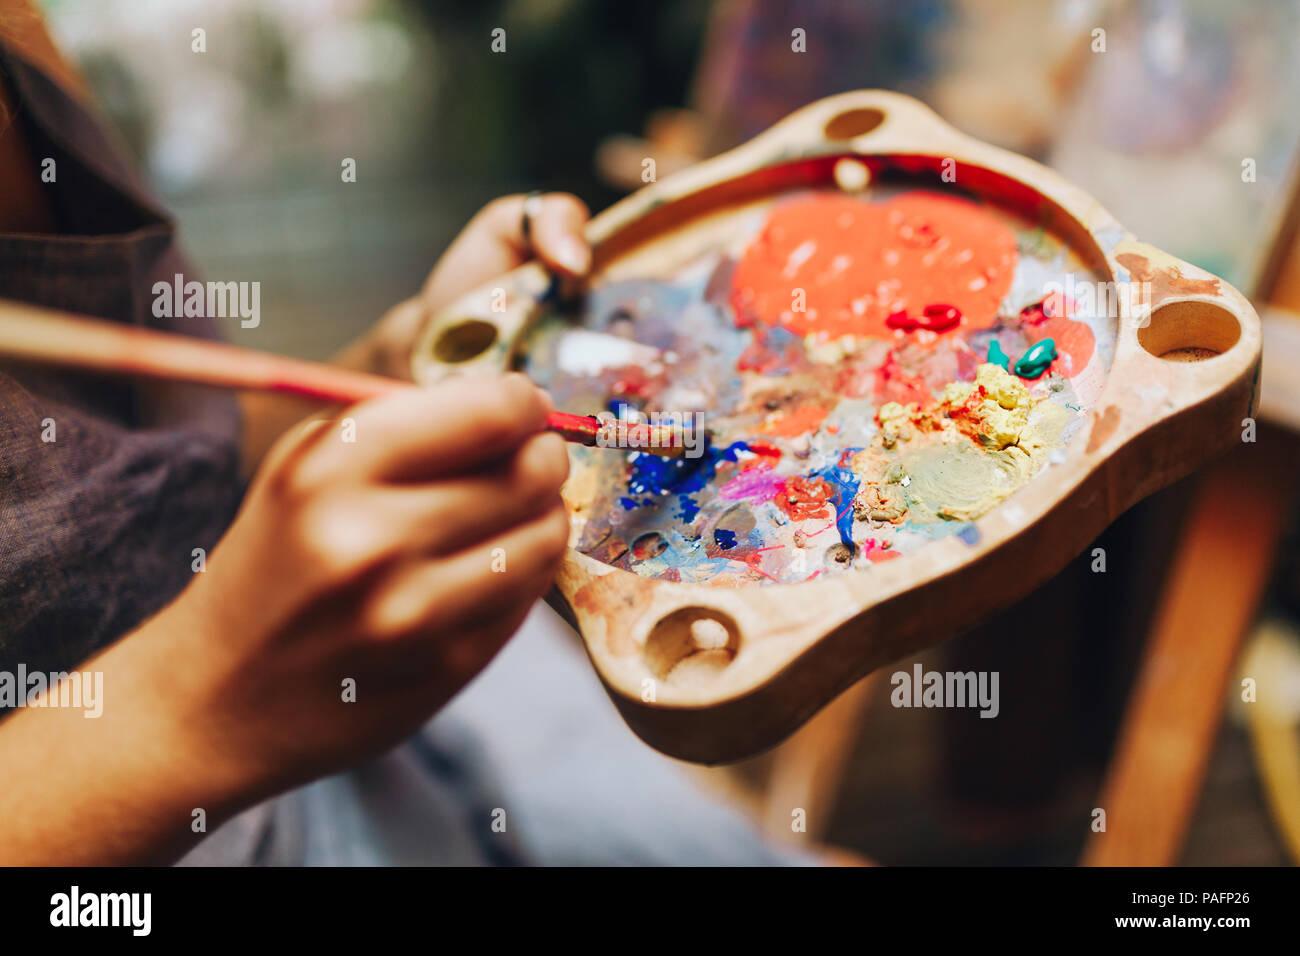 Gros plan du pinceau à mains femme mélange des peintures sur palette Photo Stock